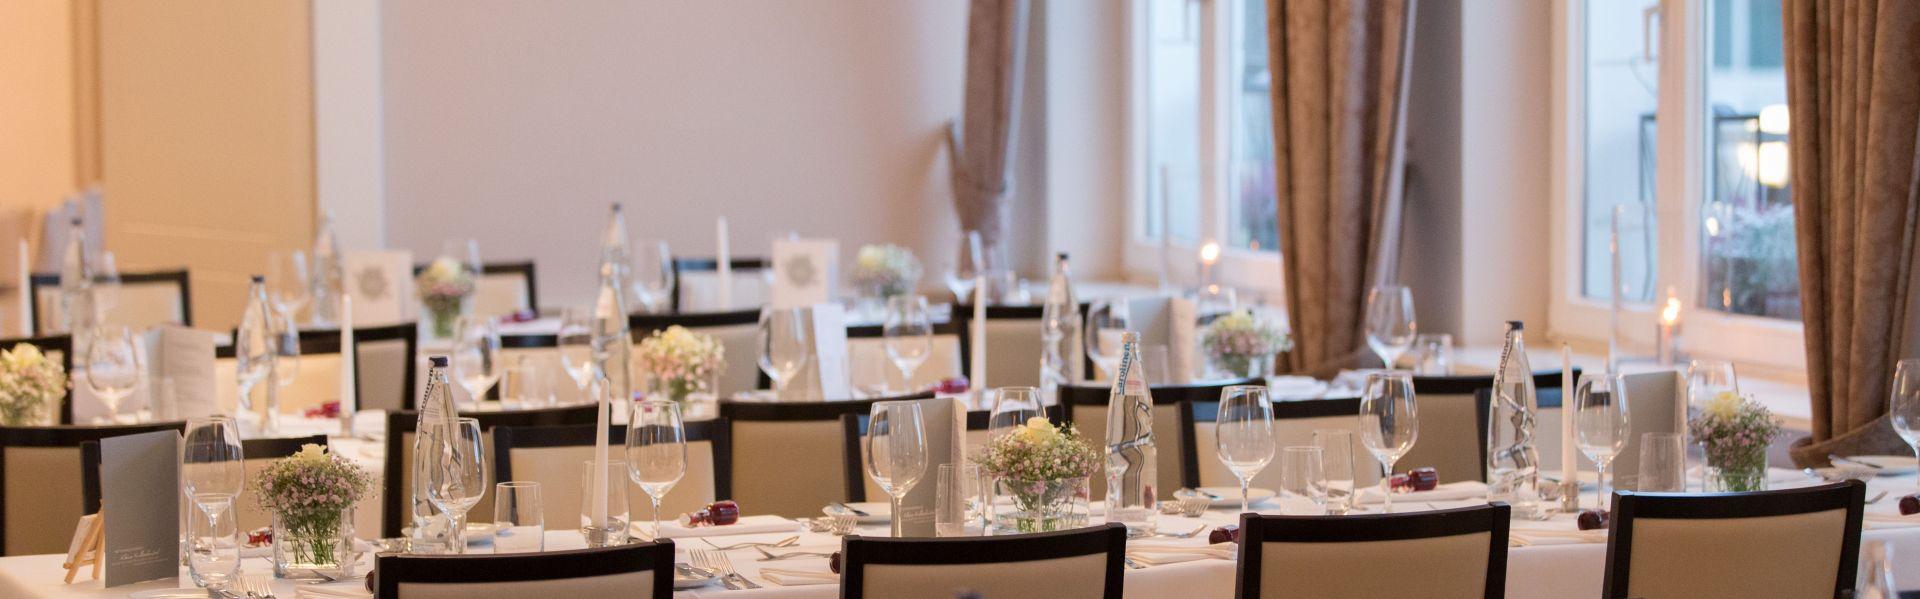 Veranstaltung Hochzeit Deko